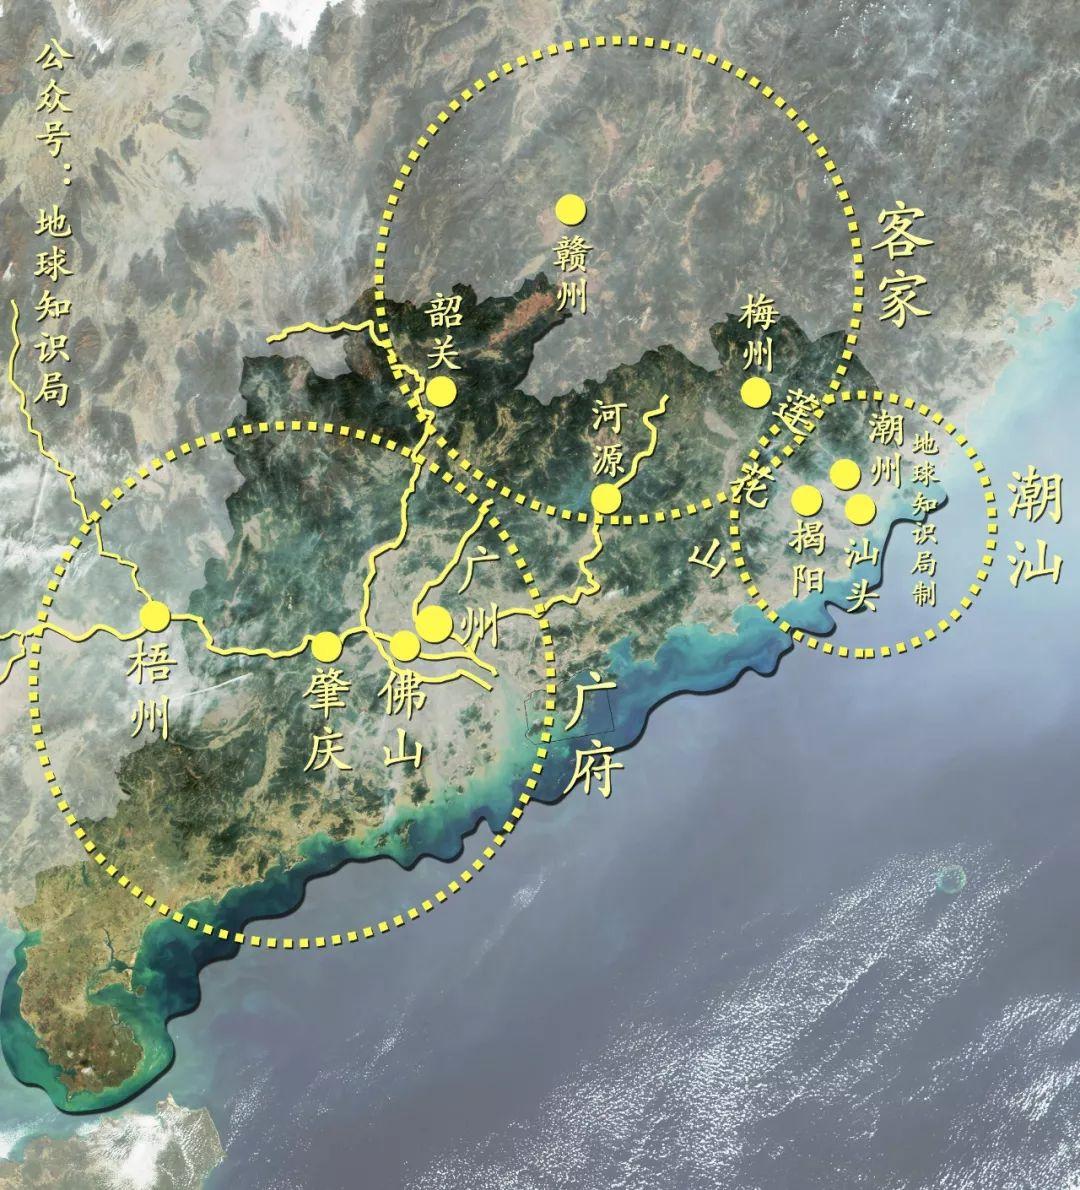 南雄gdp_广东最有钱的100个地区,南雄竟排在